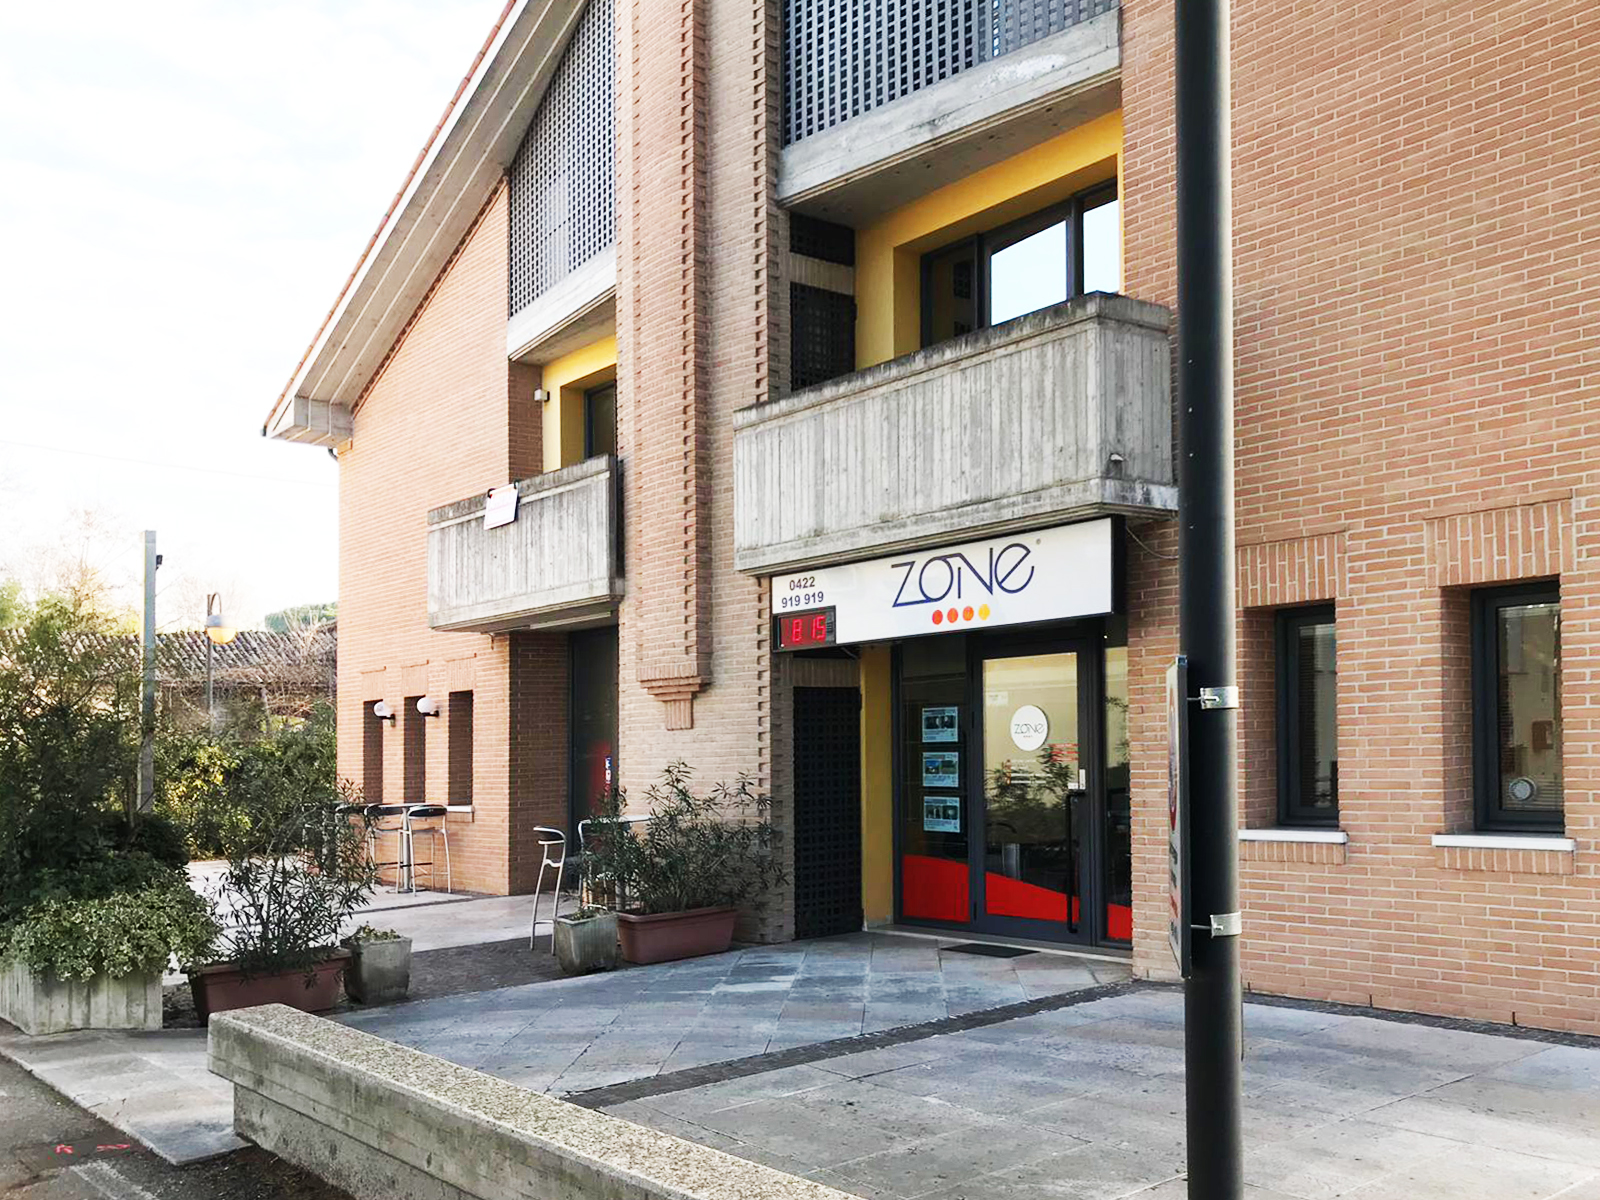 Bar in Affitto Villorba - Studio Architetto Zanatta 07